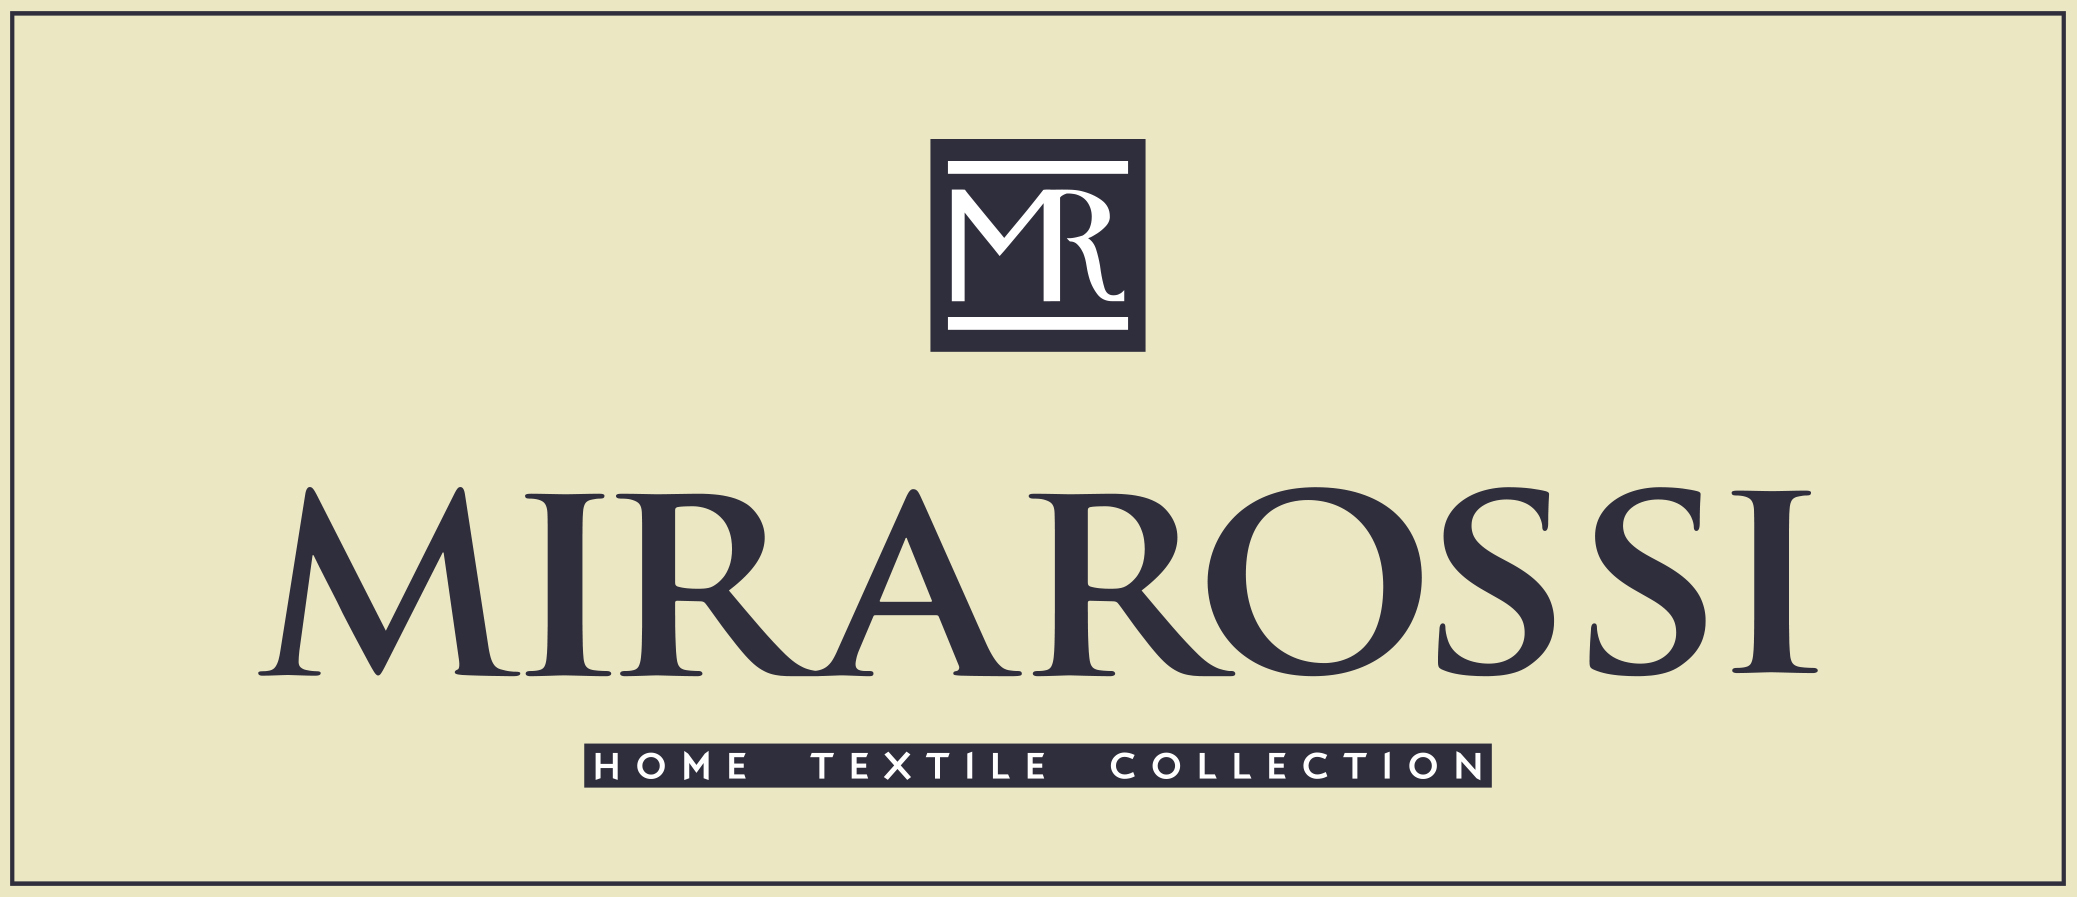 Mirarossi